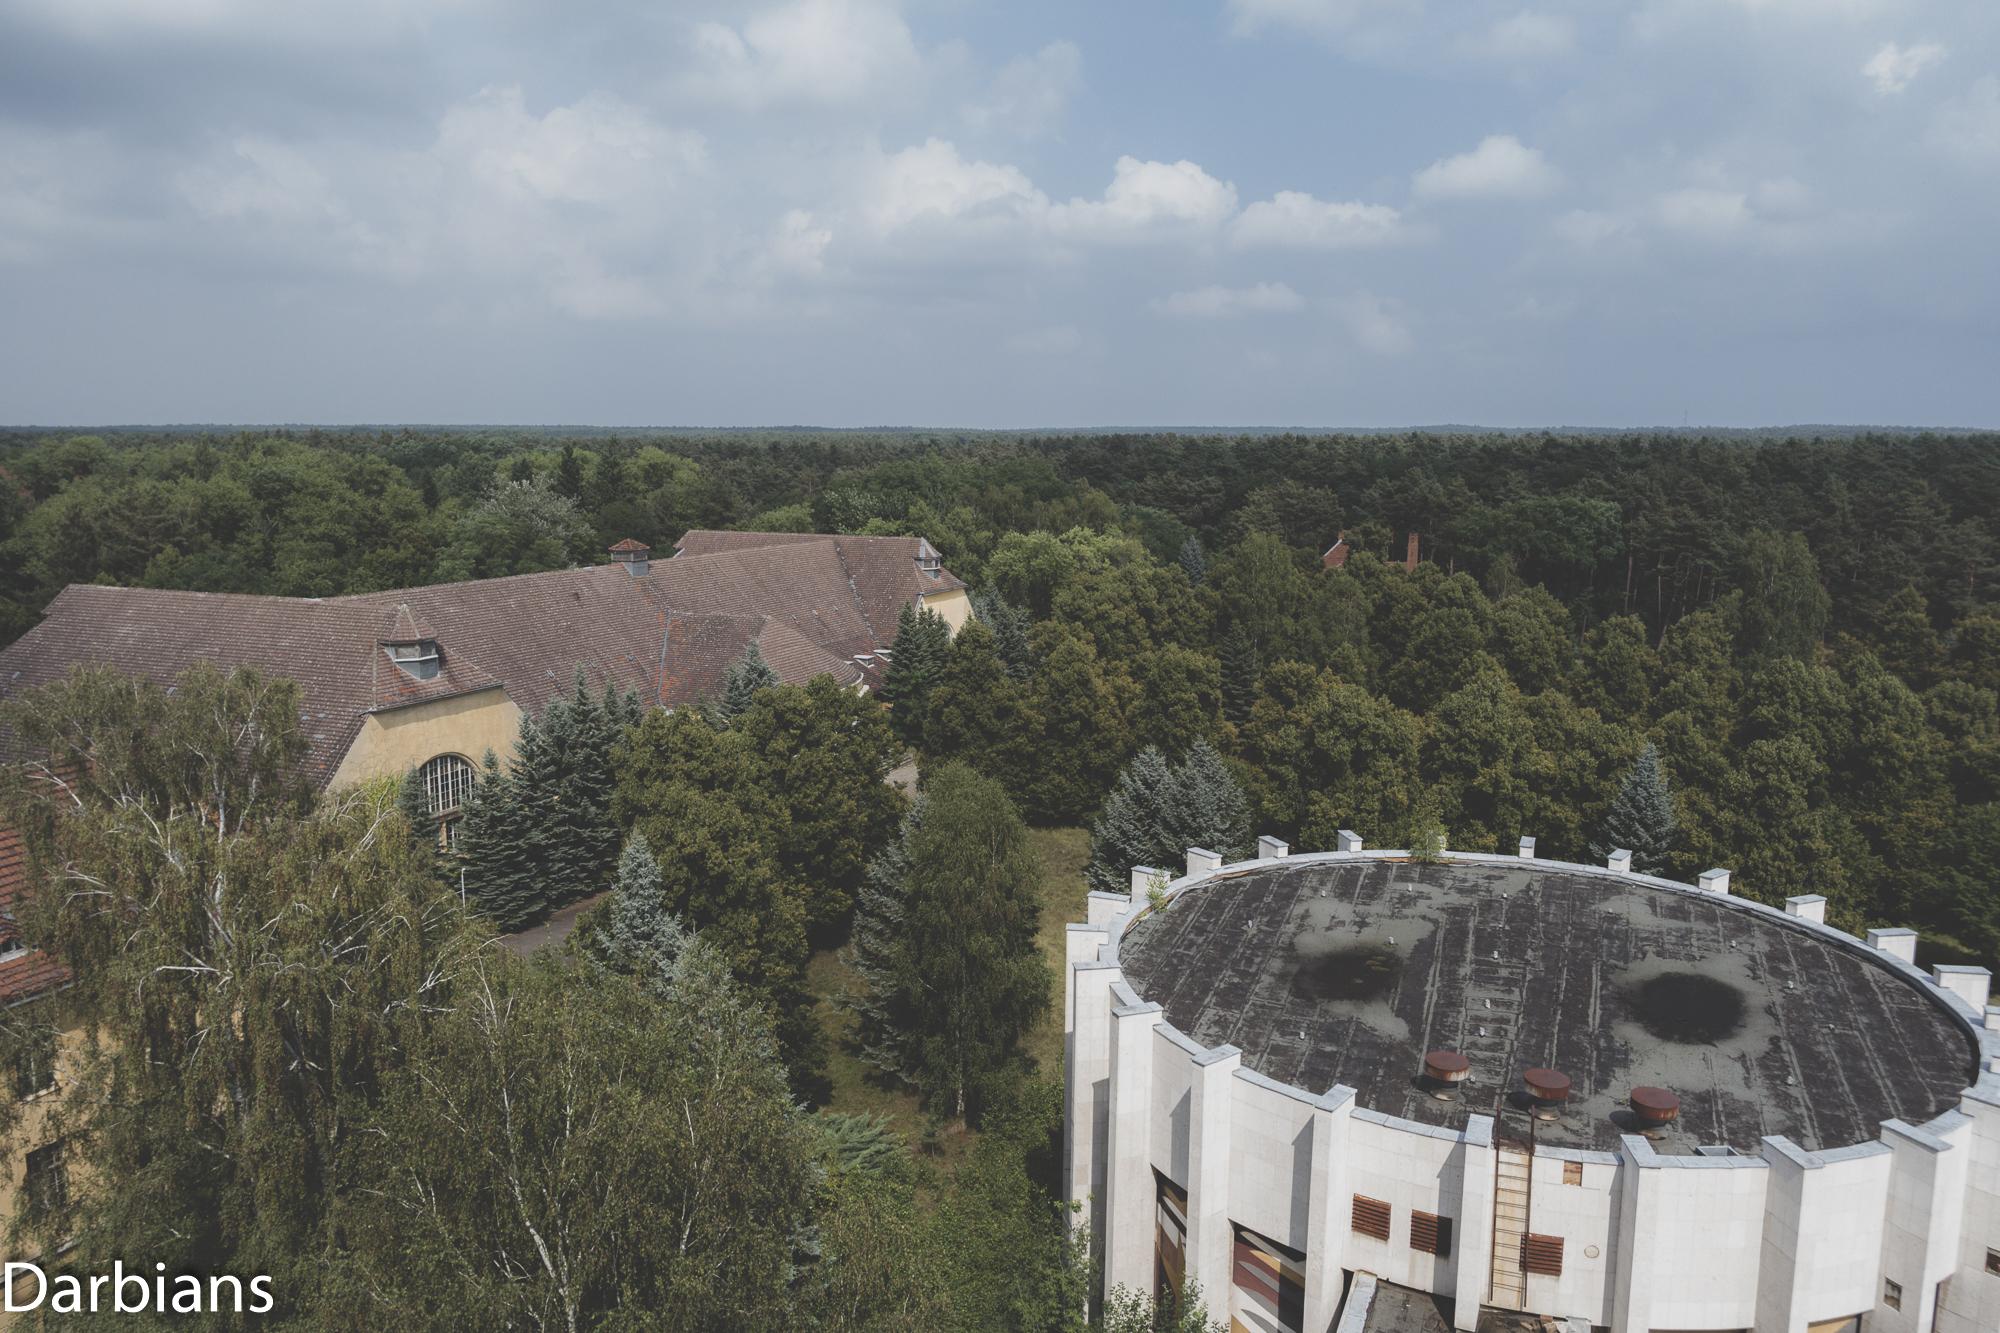 Haus Der Offiziere Wünsdorf Konzerthaus: Didn't get a proper external. The Konzerthaus is the long building on the left.